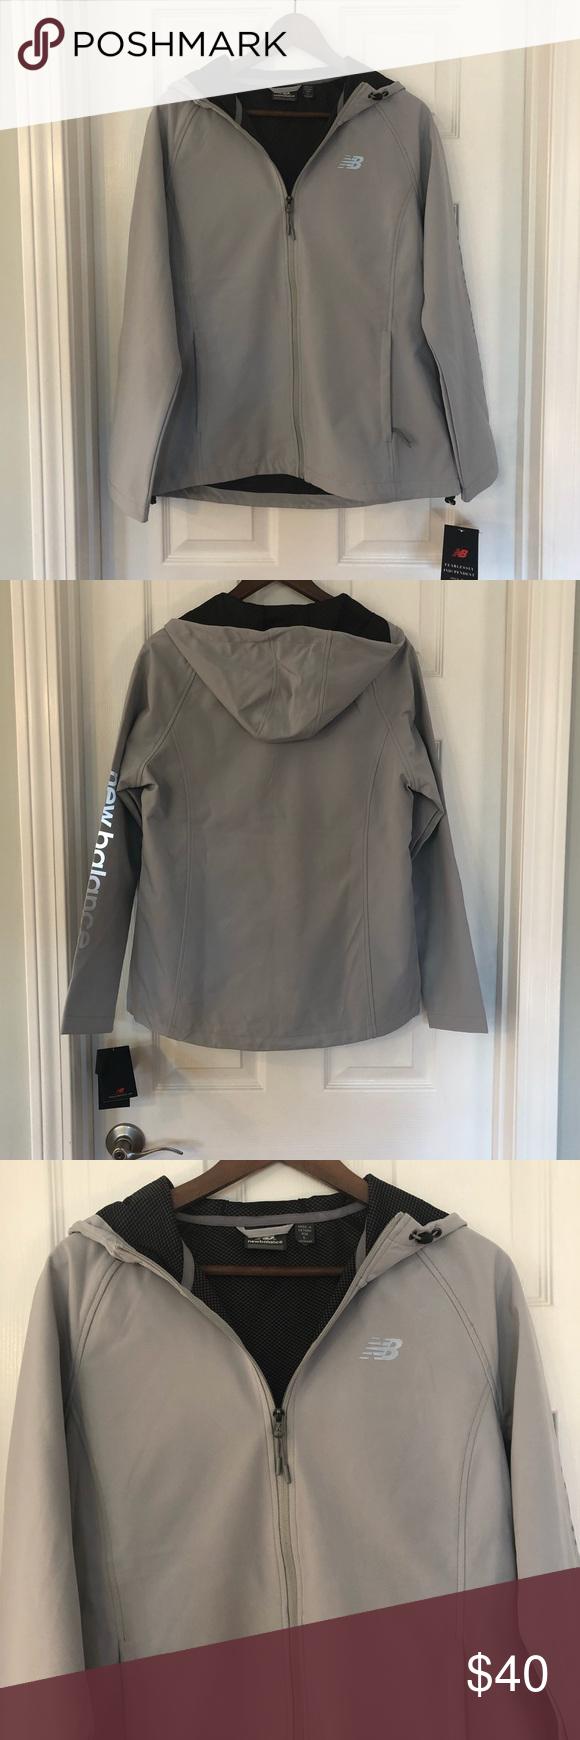 New balance soft shell jacket New Balance soft shell